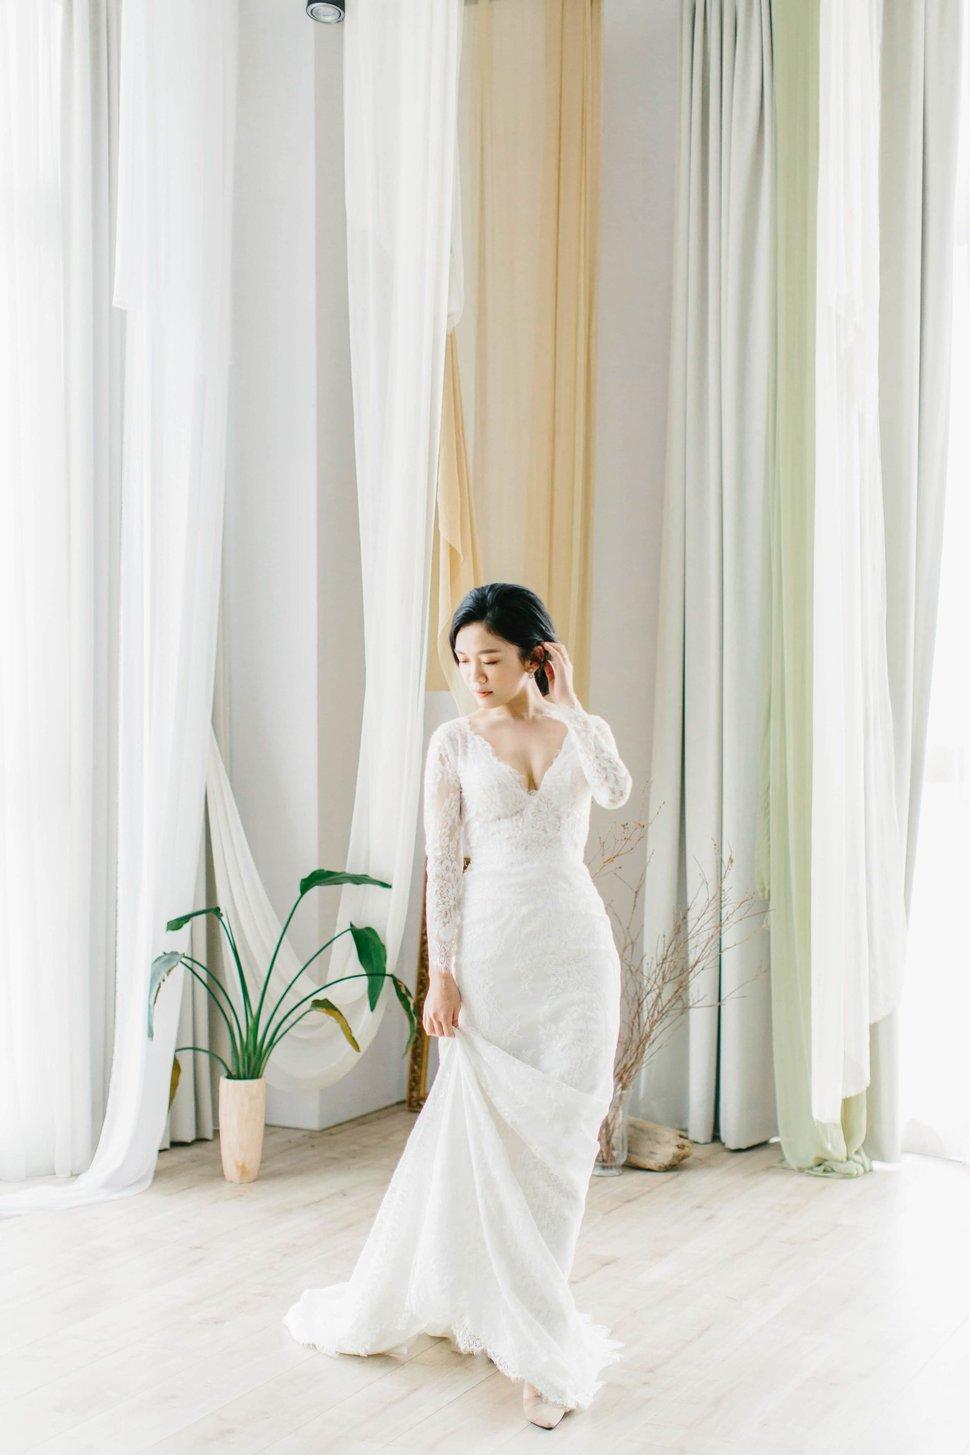 美式婚紗-自助婚紗-戶外婚紗-Amazing Grace攝影- Amazing Grace Studio-台北婚紗-台中婚紗-美式婚攝40 - Amazing Grace Studio《結婚吧》